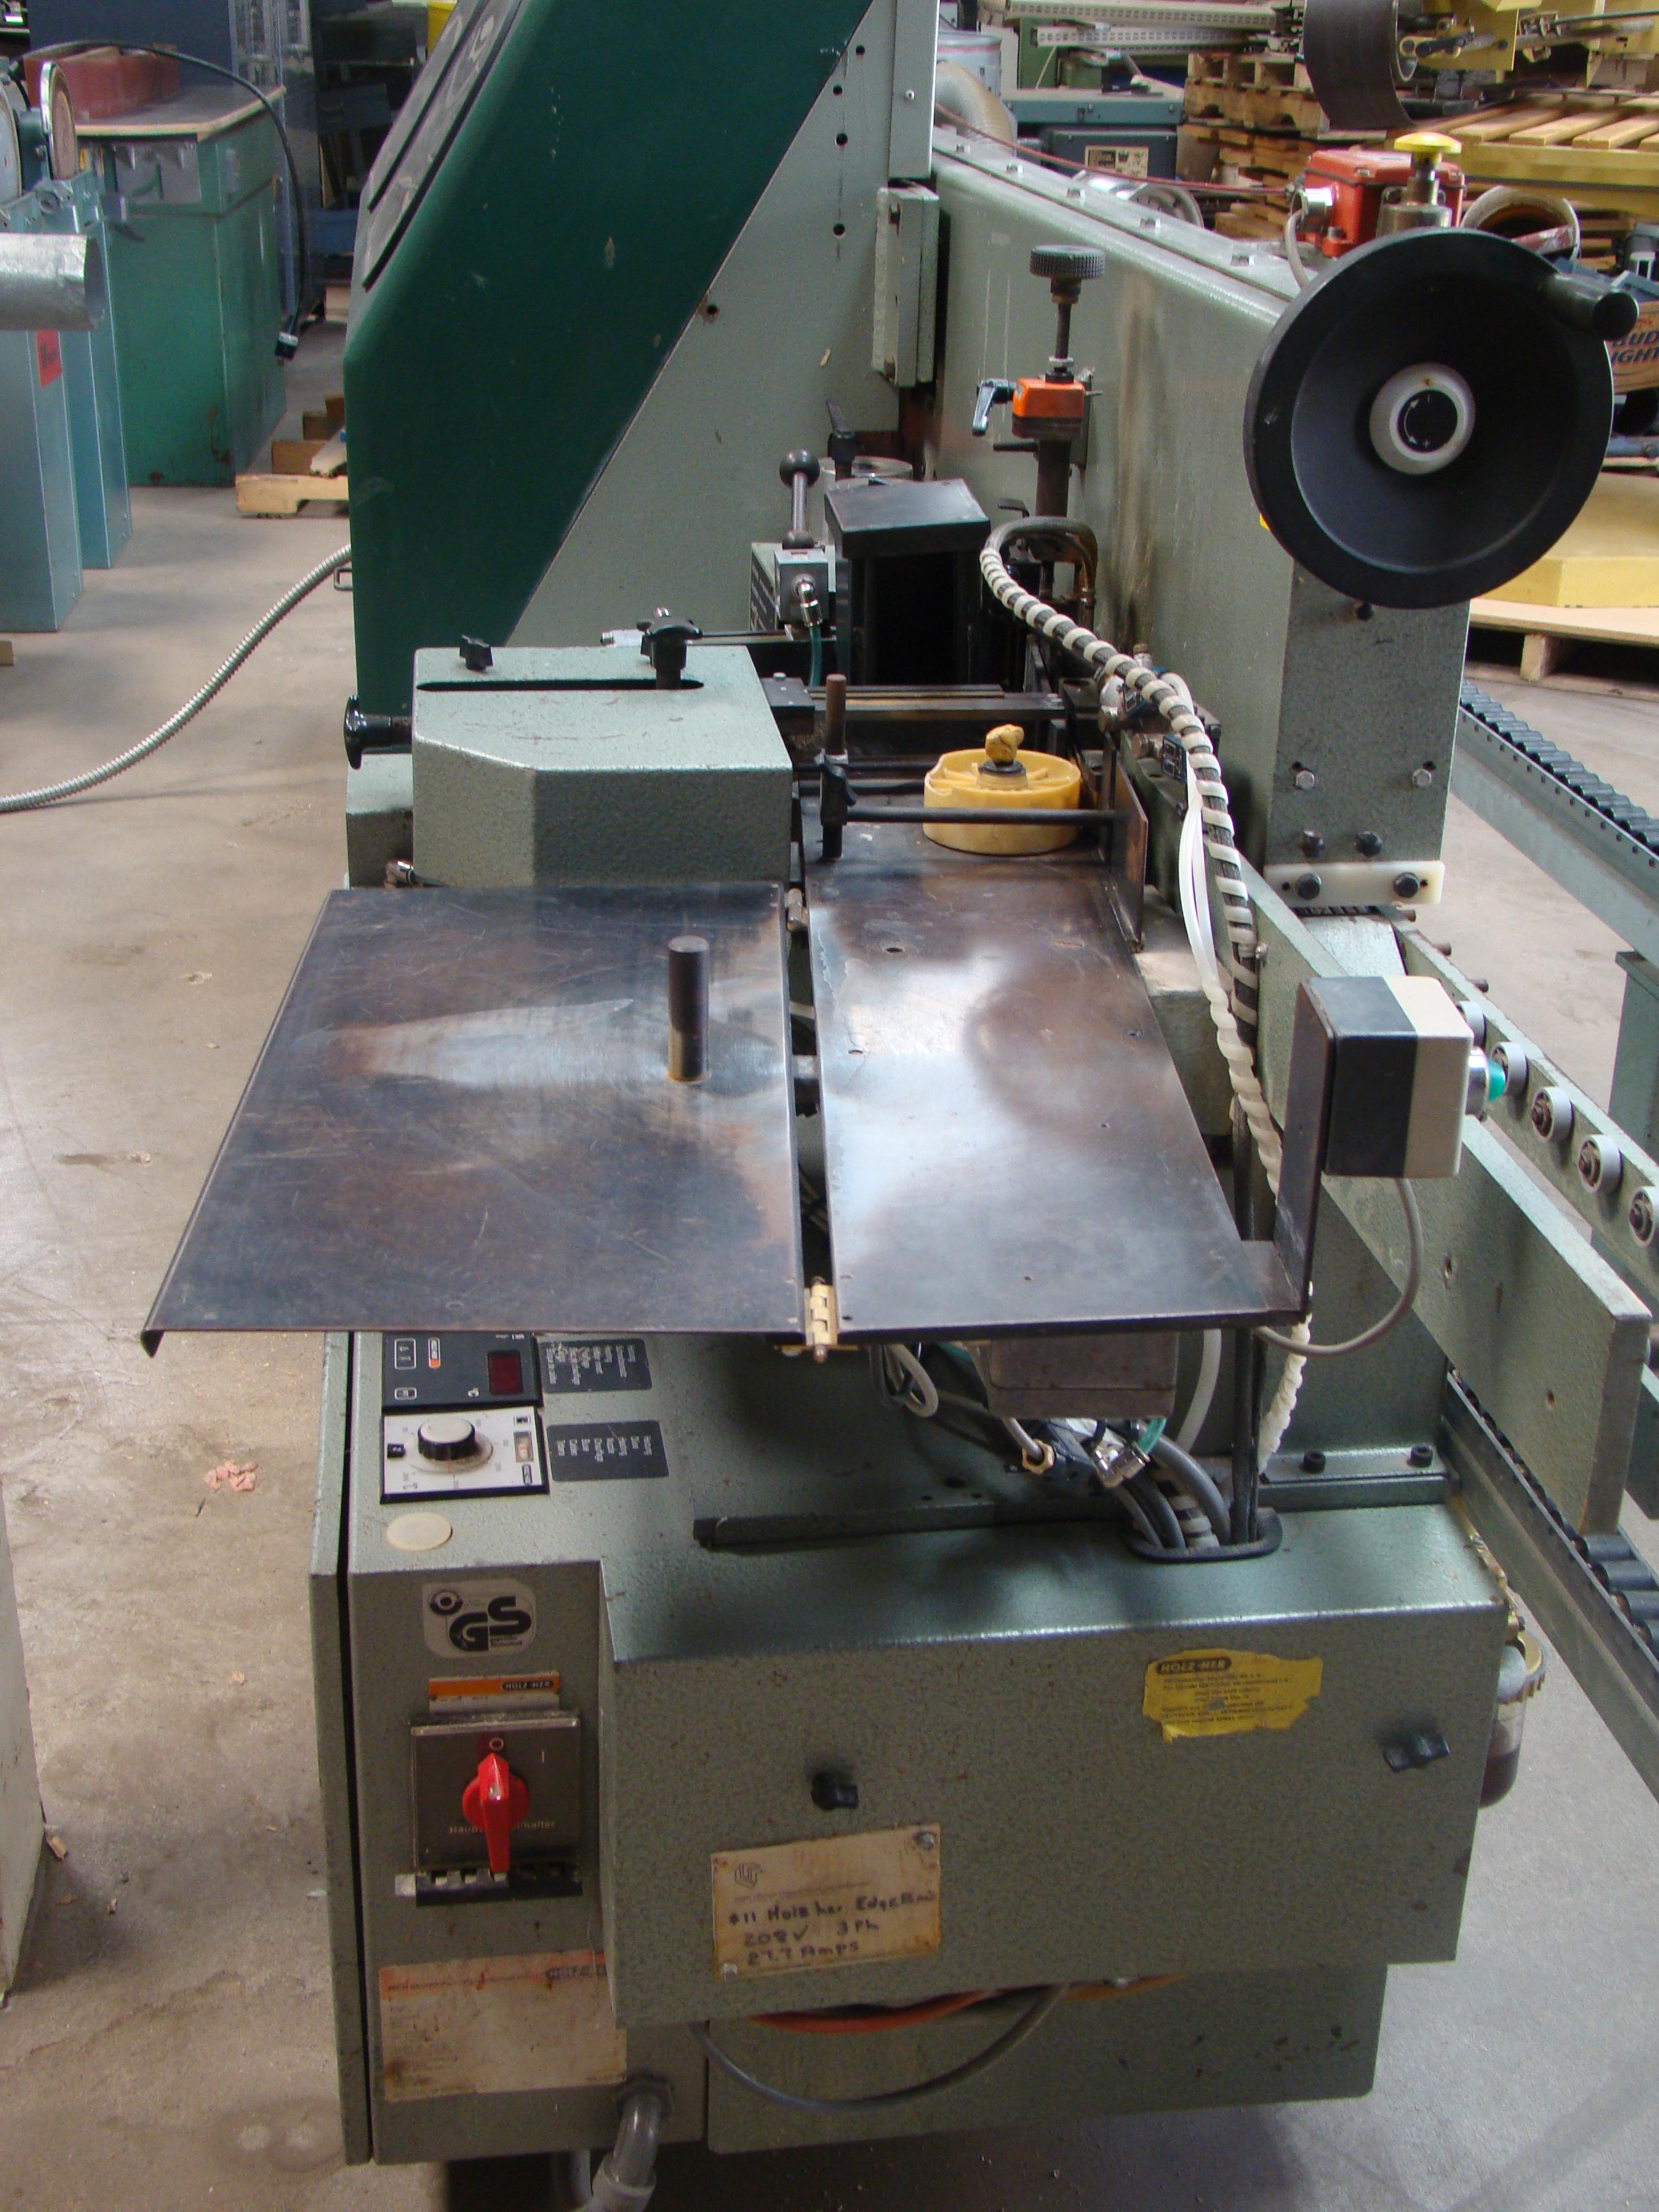 Holz-Her Edge Bander 1408 Pressure Roller, Uses GluJet, End trim stations, Flush/Bevel Scraper, - Image 4 of 10